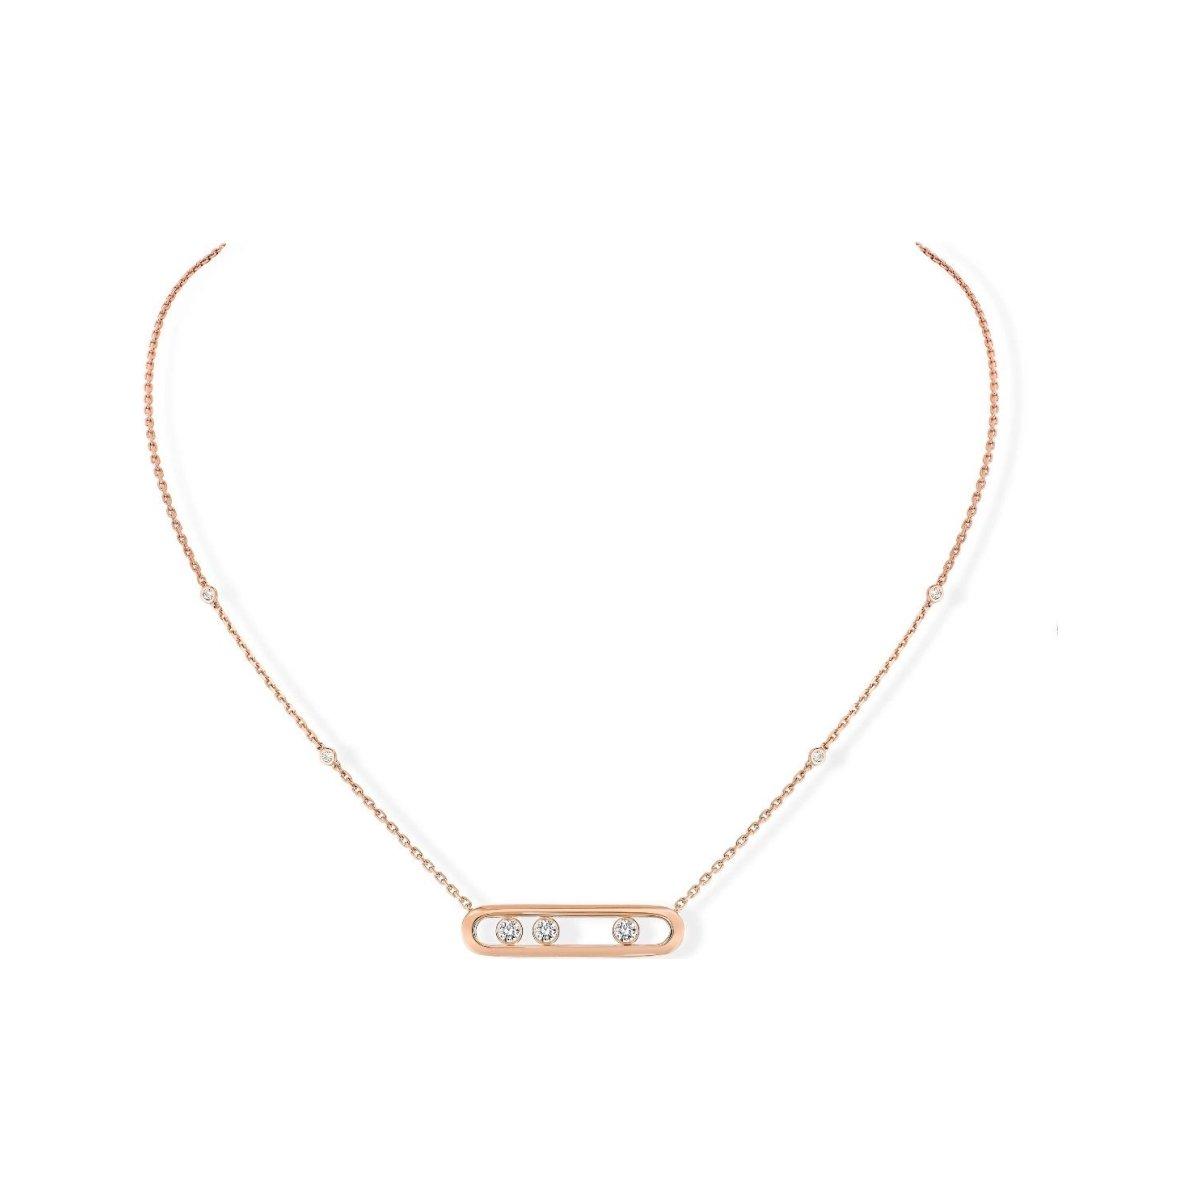 Collier Messika Move Classique en or rose et diamants vue 1